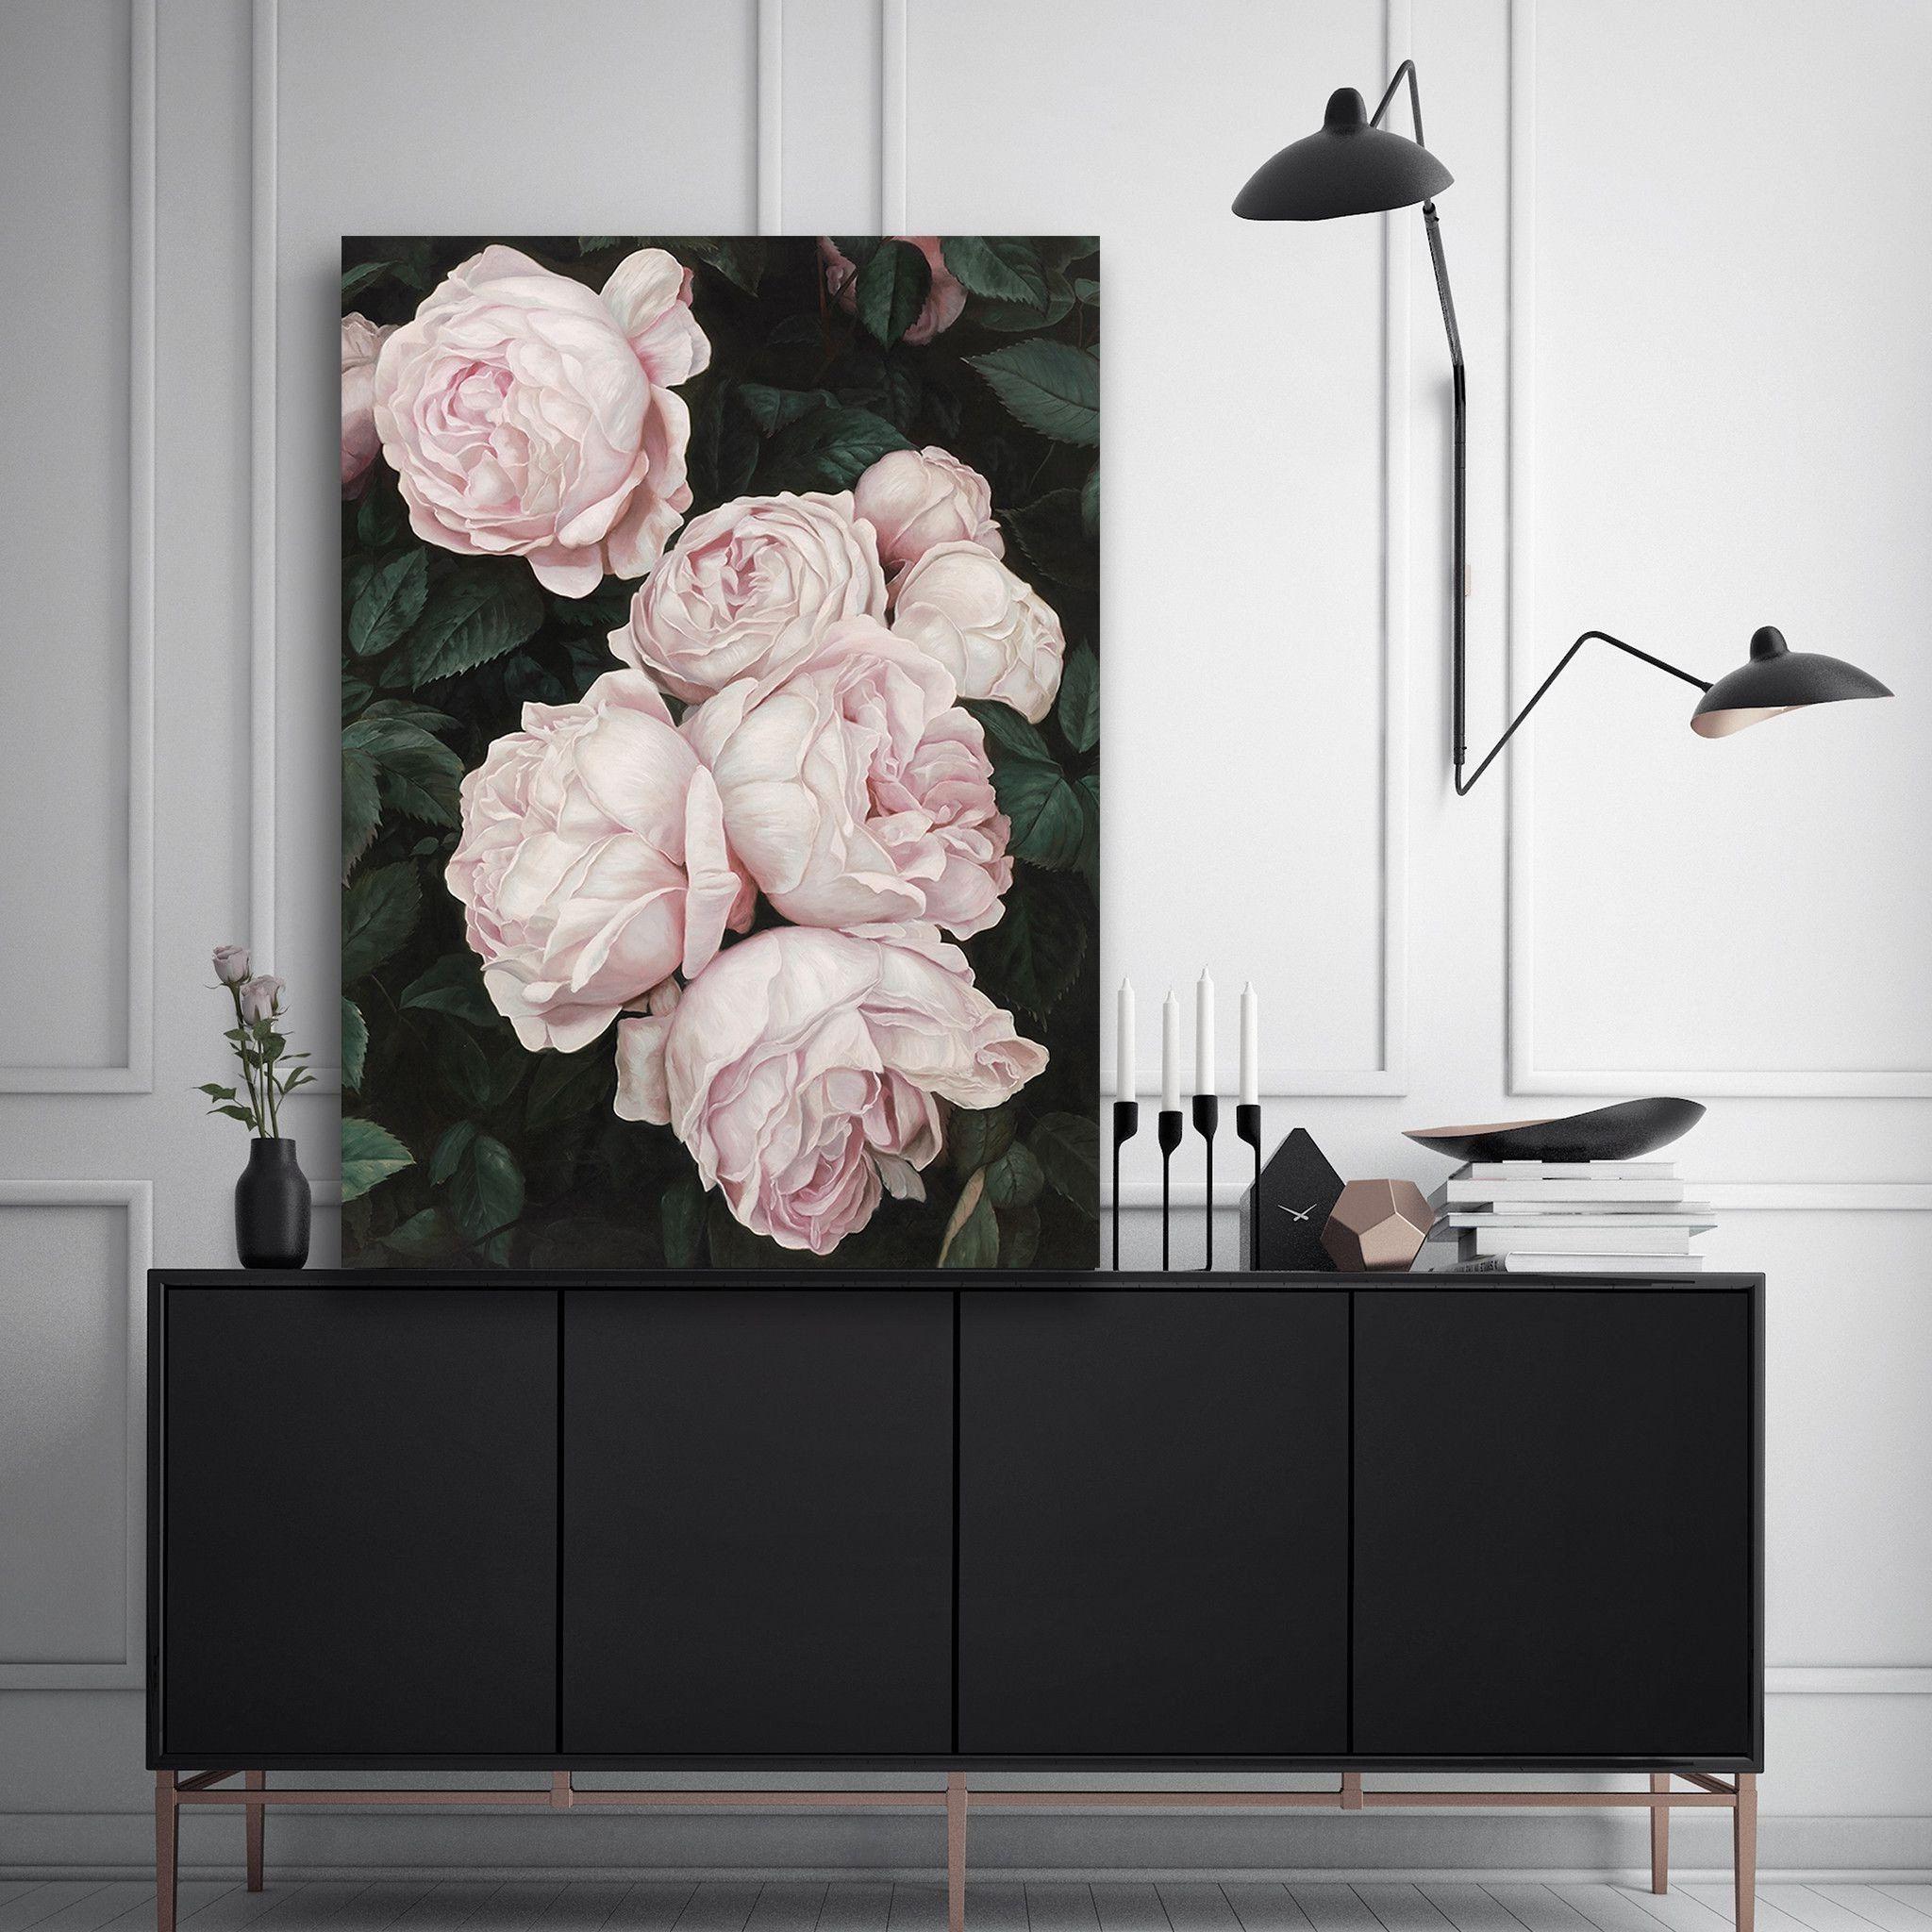 Essayez quelque chose de différent - combinez des couleurs sombres et des motifs floraux dans la déco pour créer un contraste dans votre chambre à coucher.